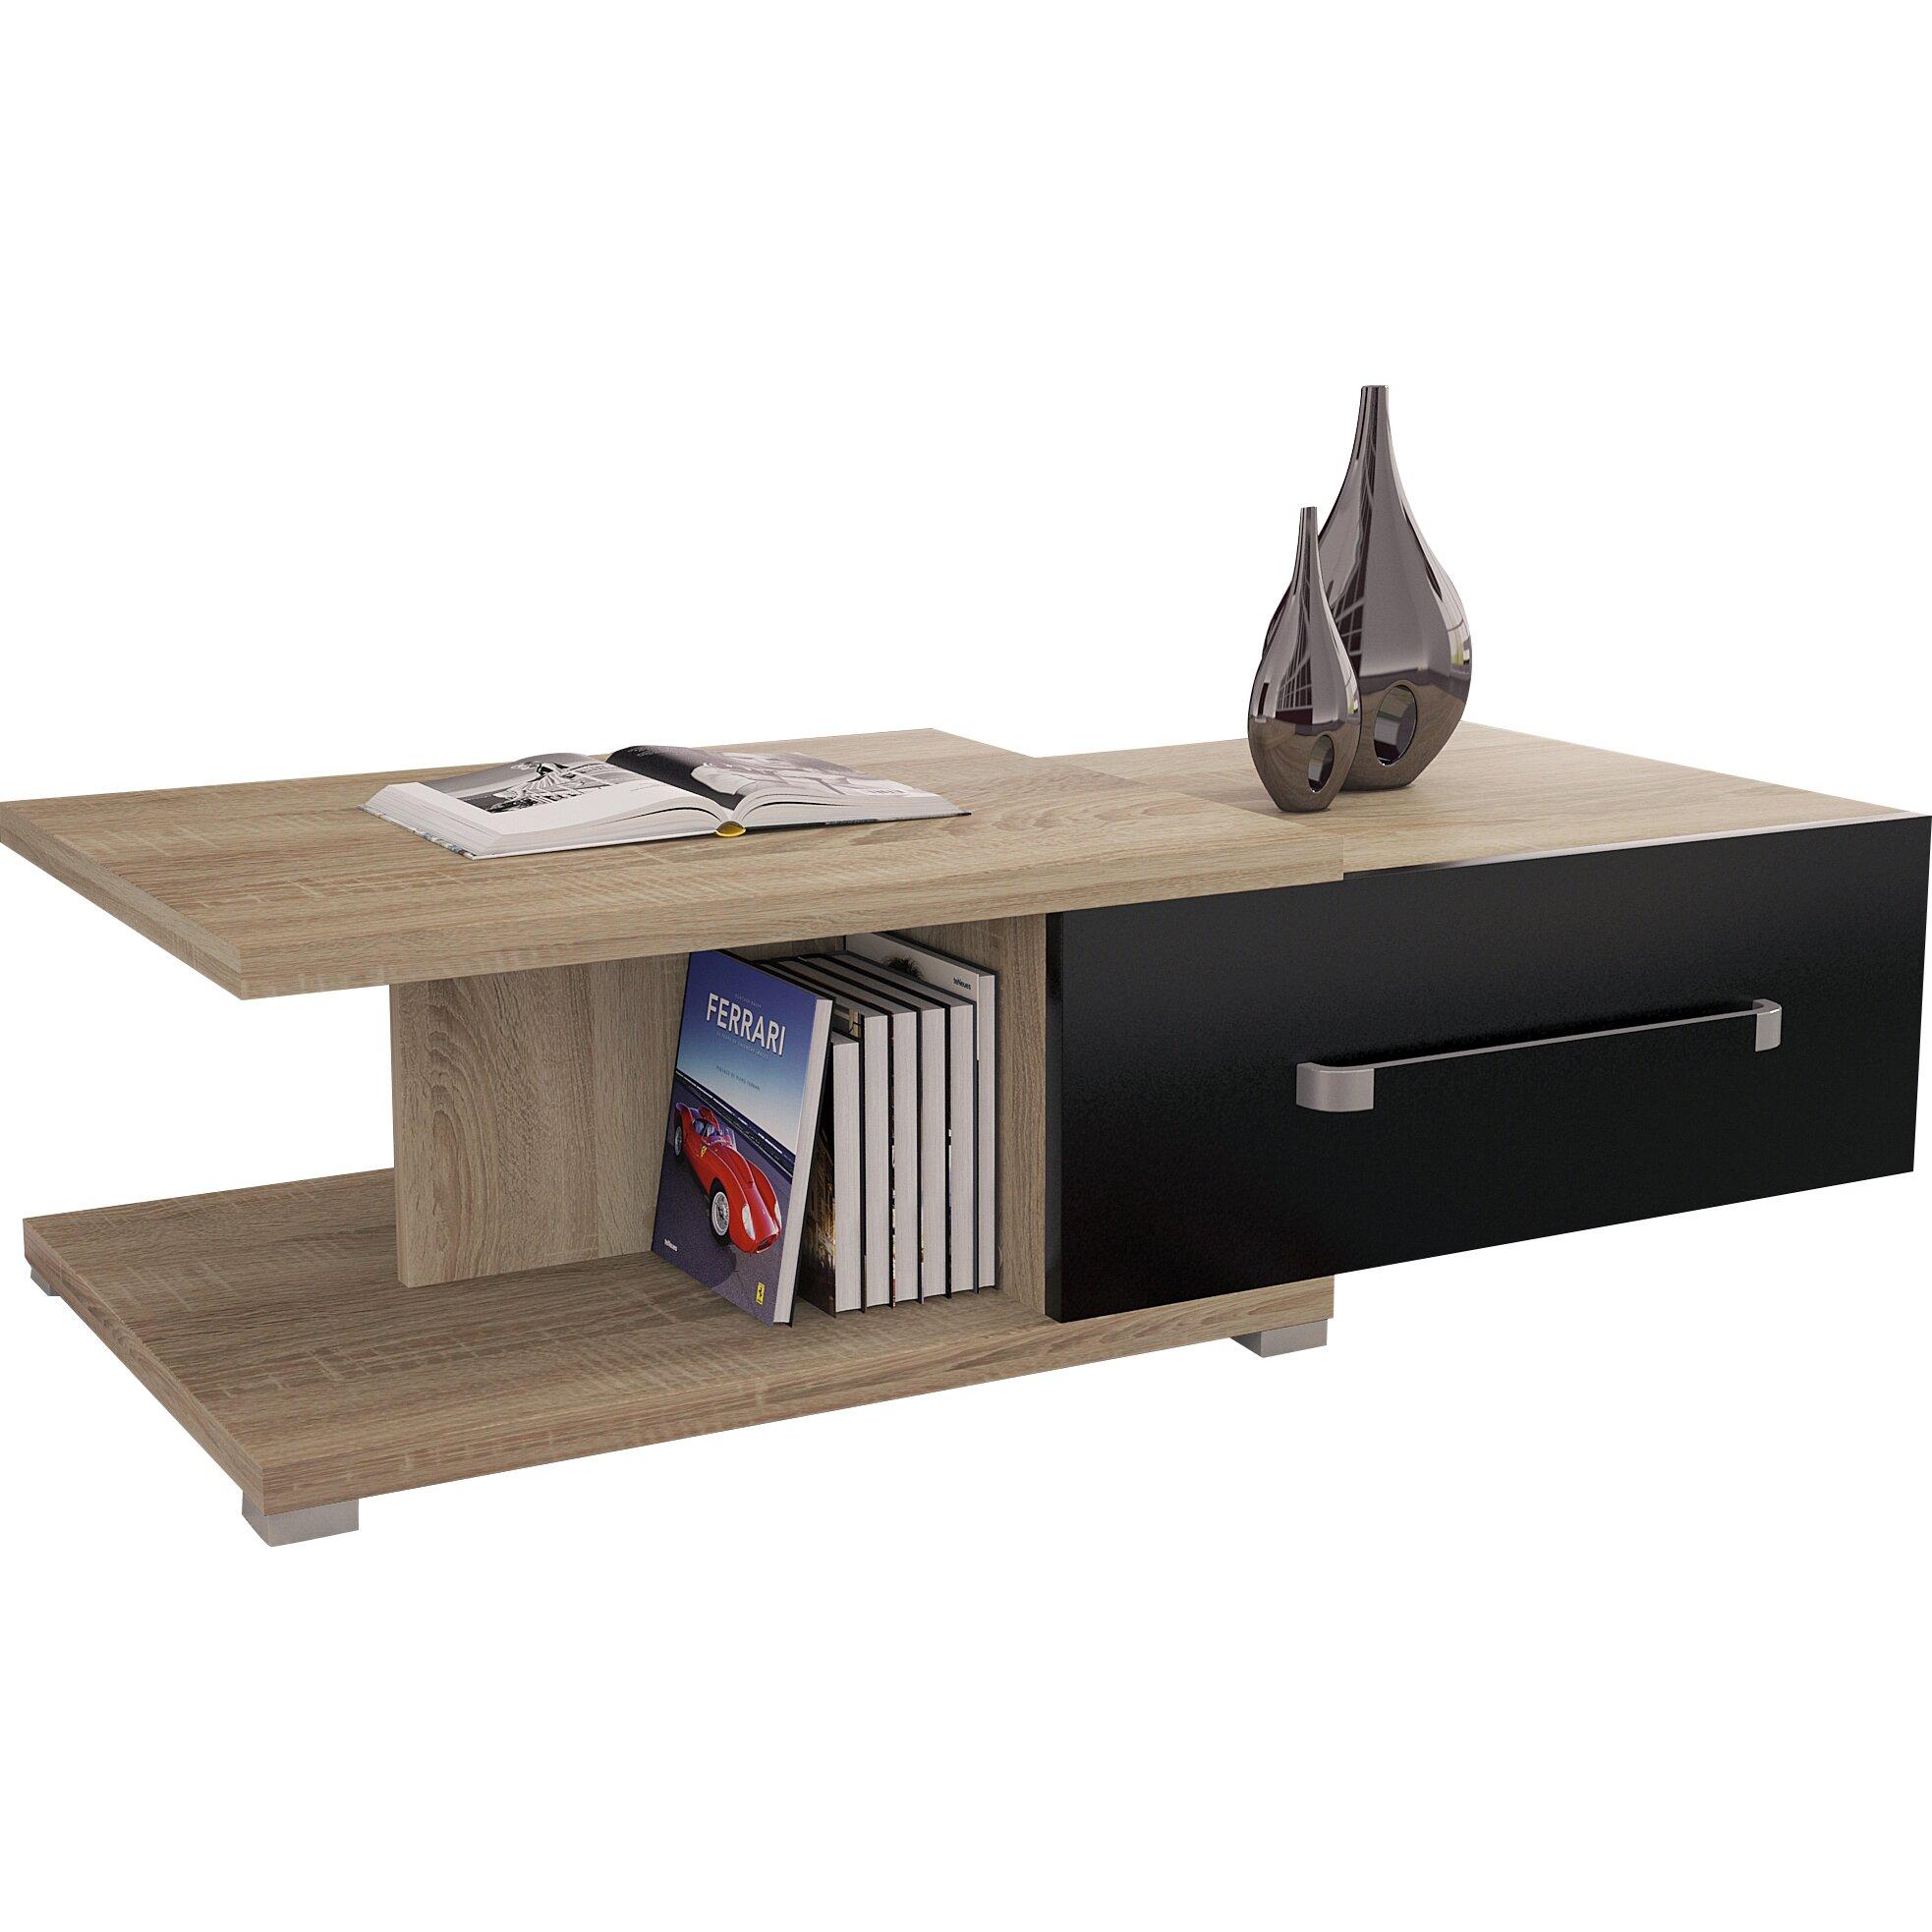 dCor design Couchtisch Bino mit Stauraum & Bewertungen